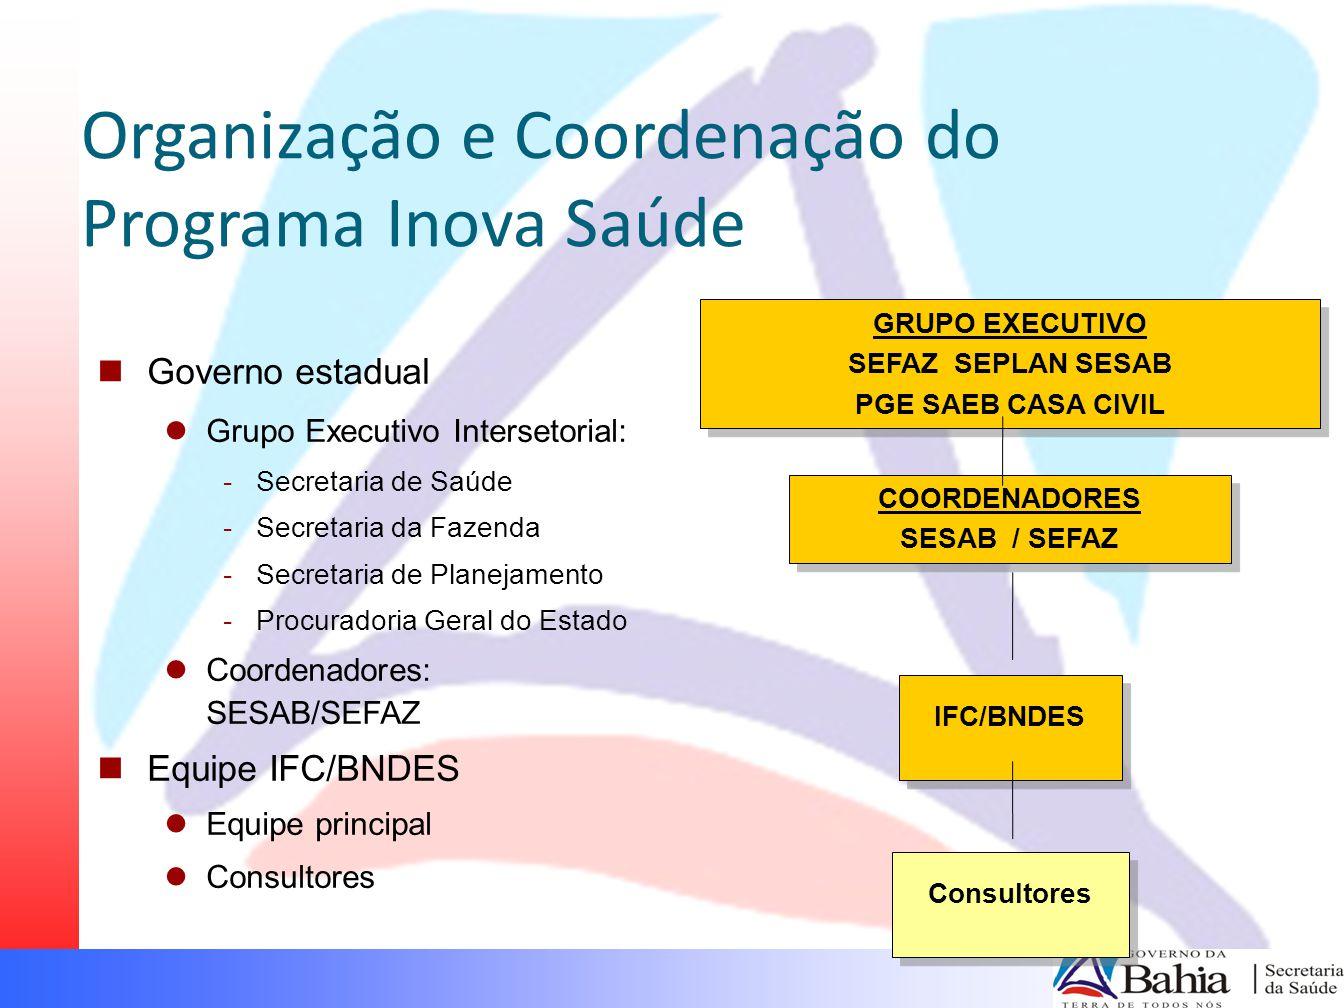 Organização e Coordenação do Programa Inova Saúde Governo estadual Grupo Executivo Intersetorial: - Secretaria de Saúde - Secretaria da Fazenda - Secr